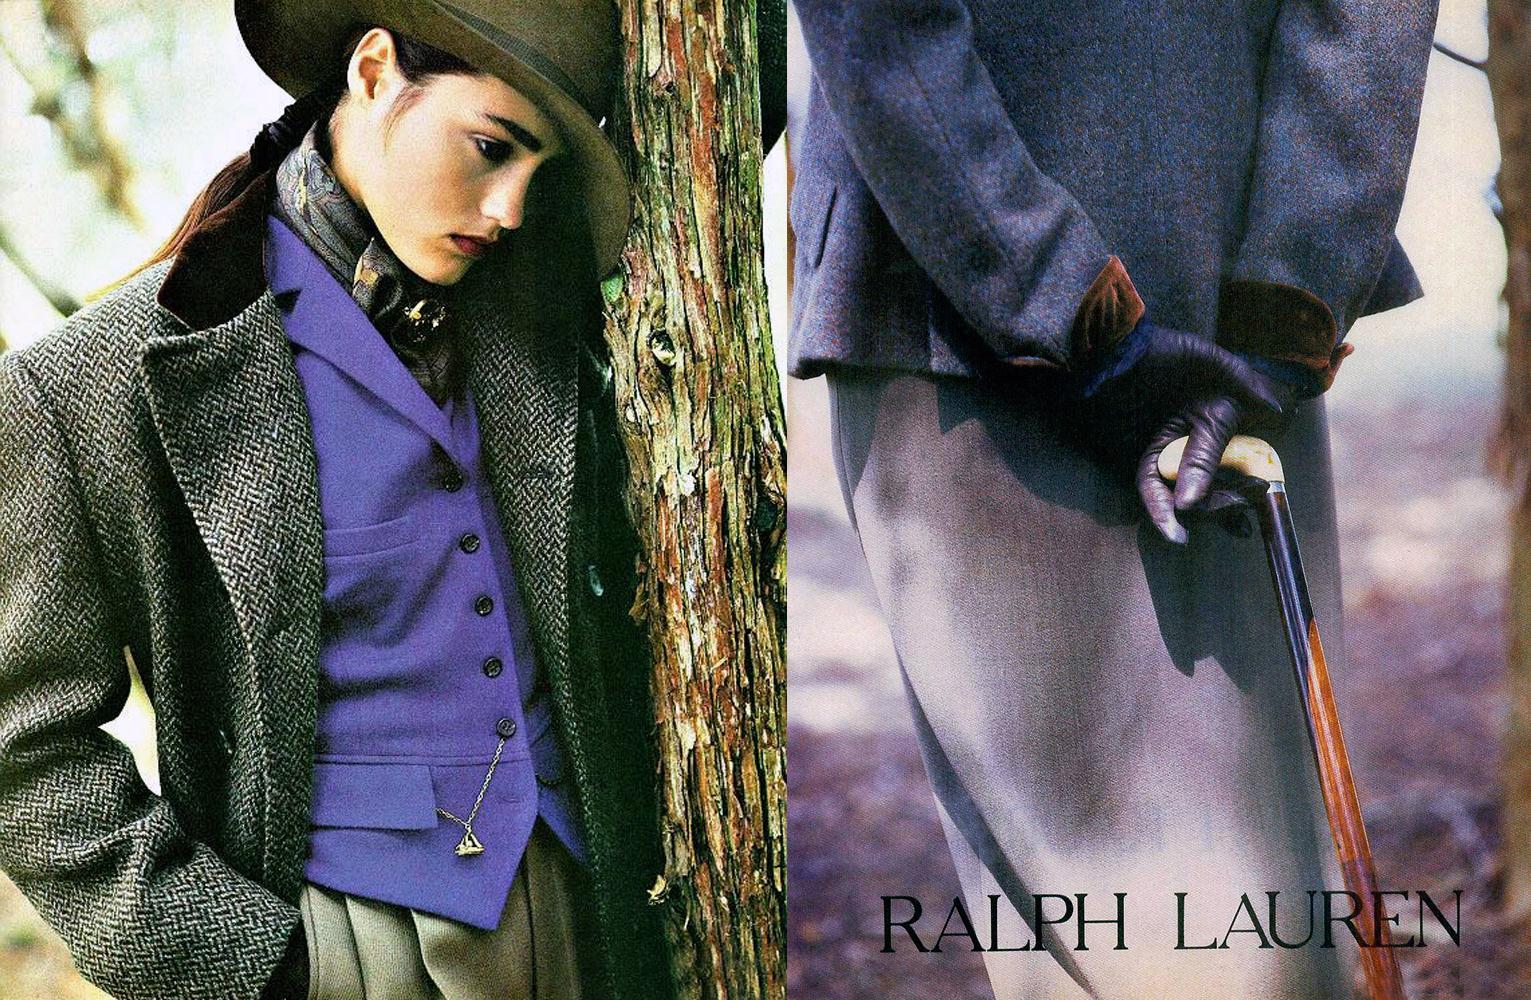 Ralph-Lauren-Yasmin-LeBon-fall-ad-1985-2